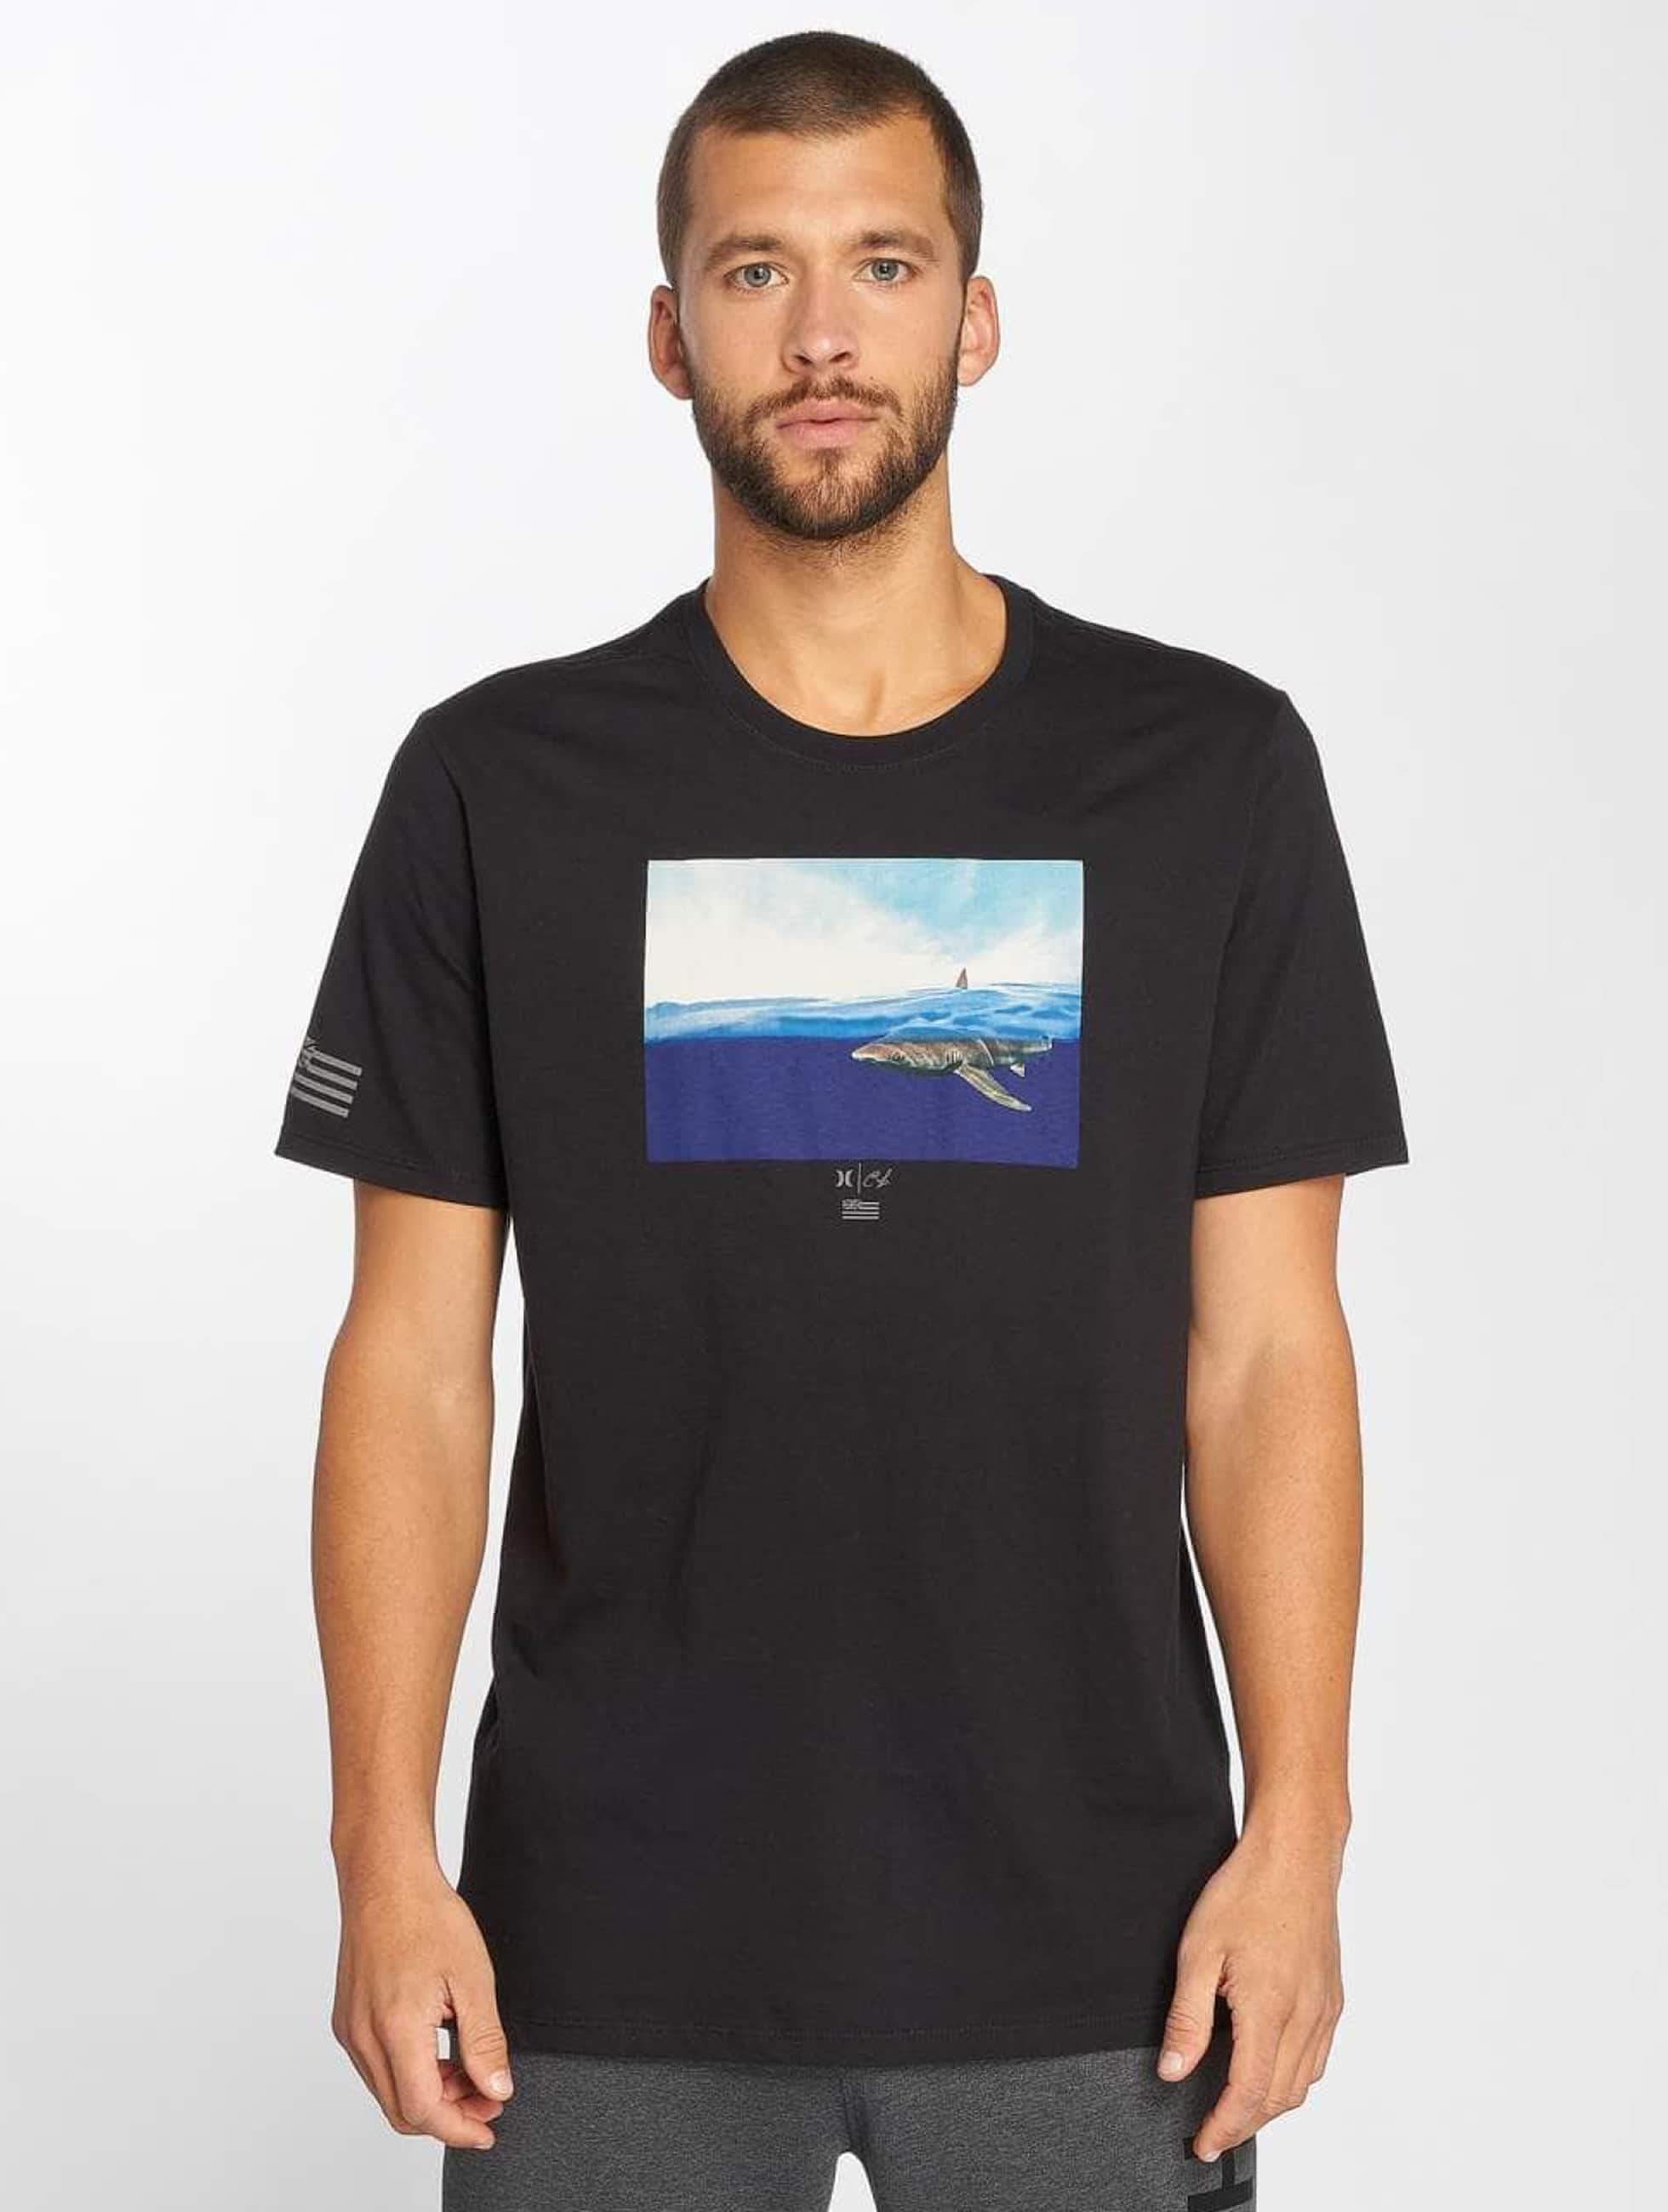 Hurley Herren T Shirt Premium Clark Week In Schwarz 469807